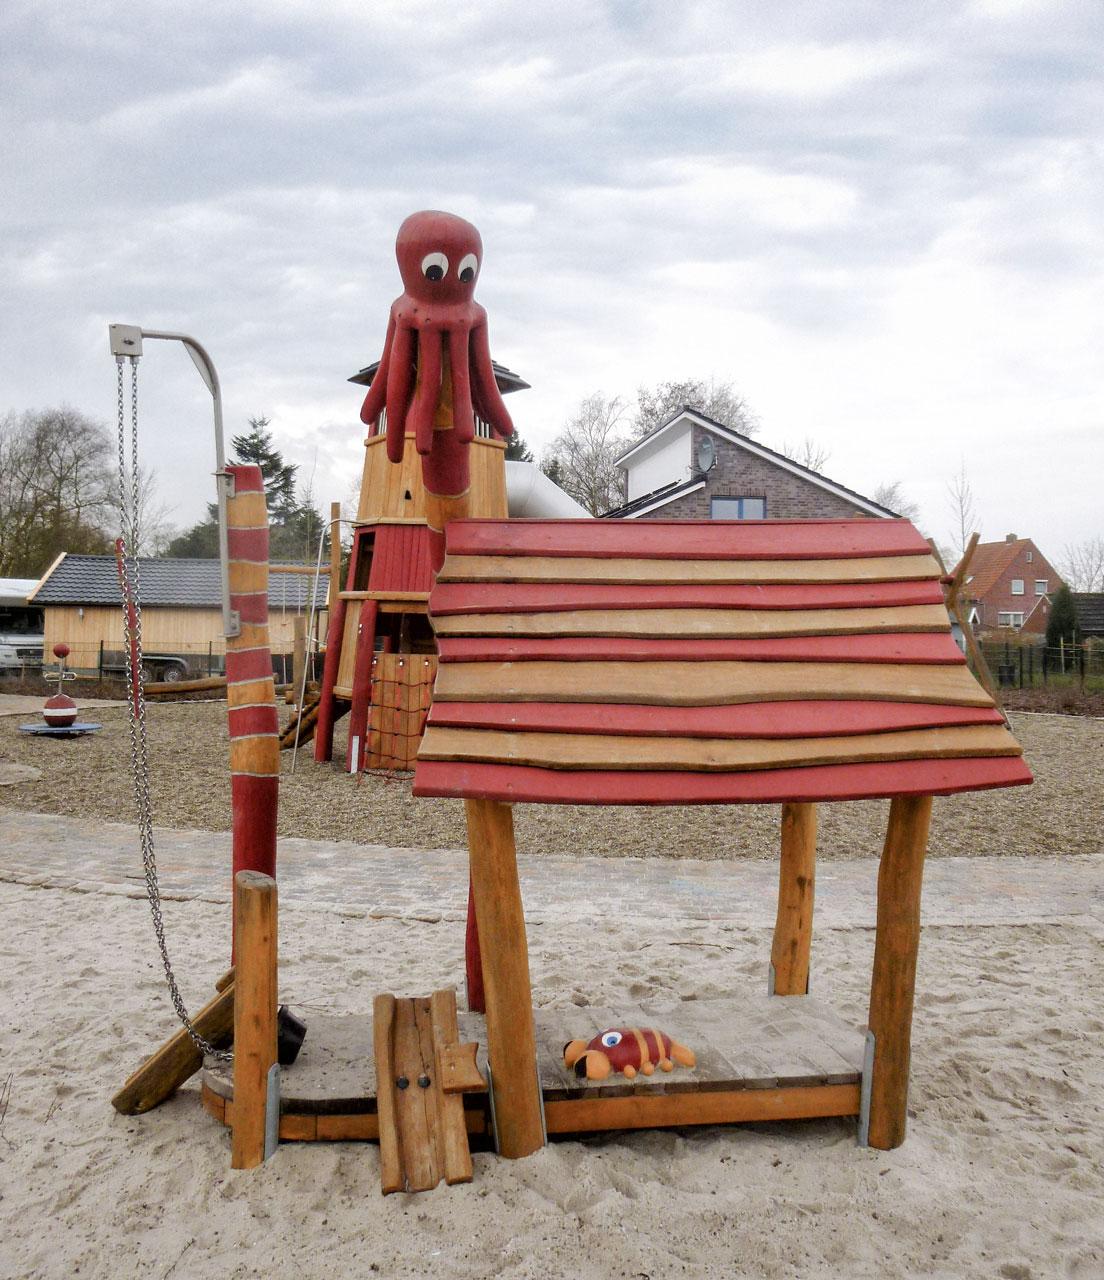 C 166 Spielhaus Sandspiel mit Krake